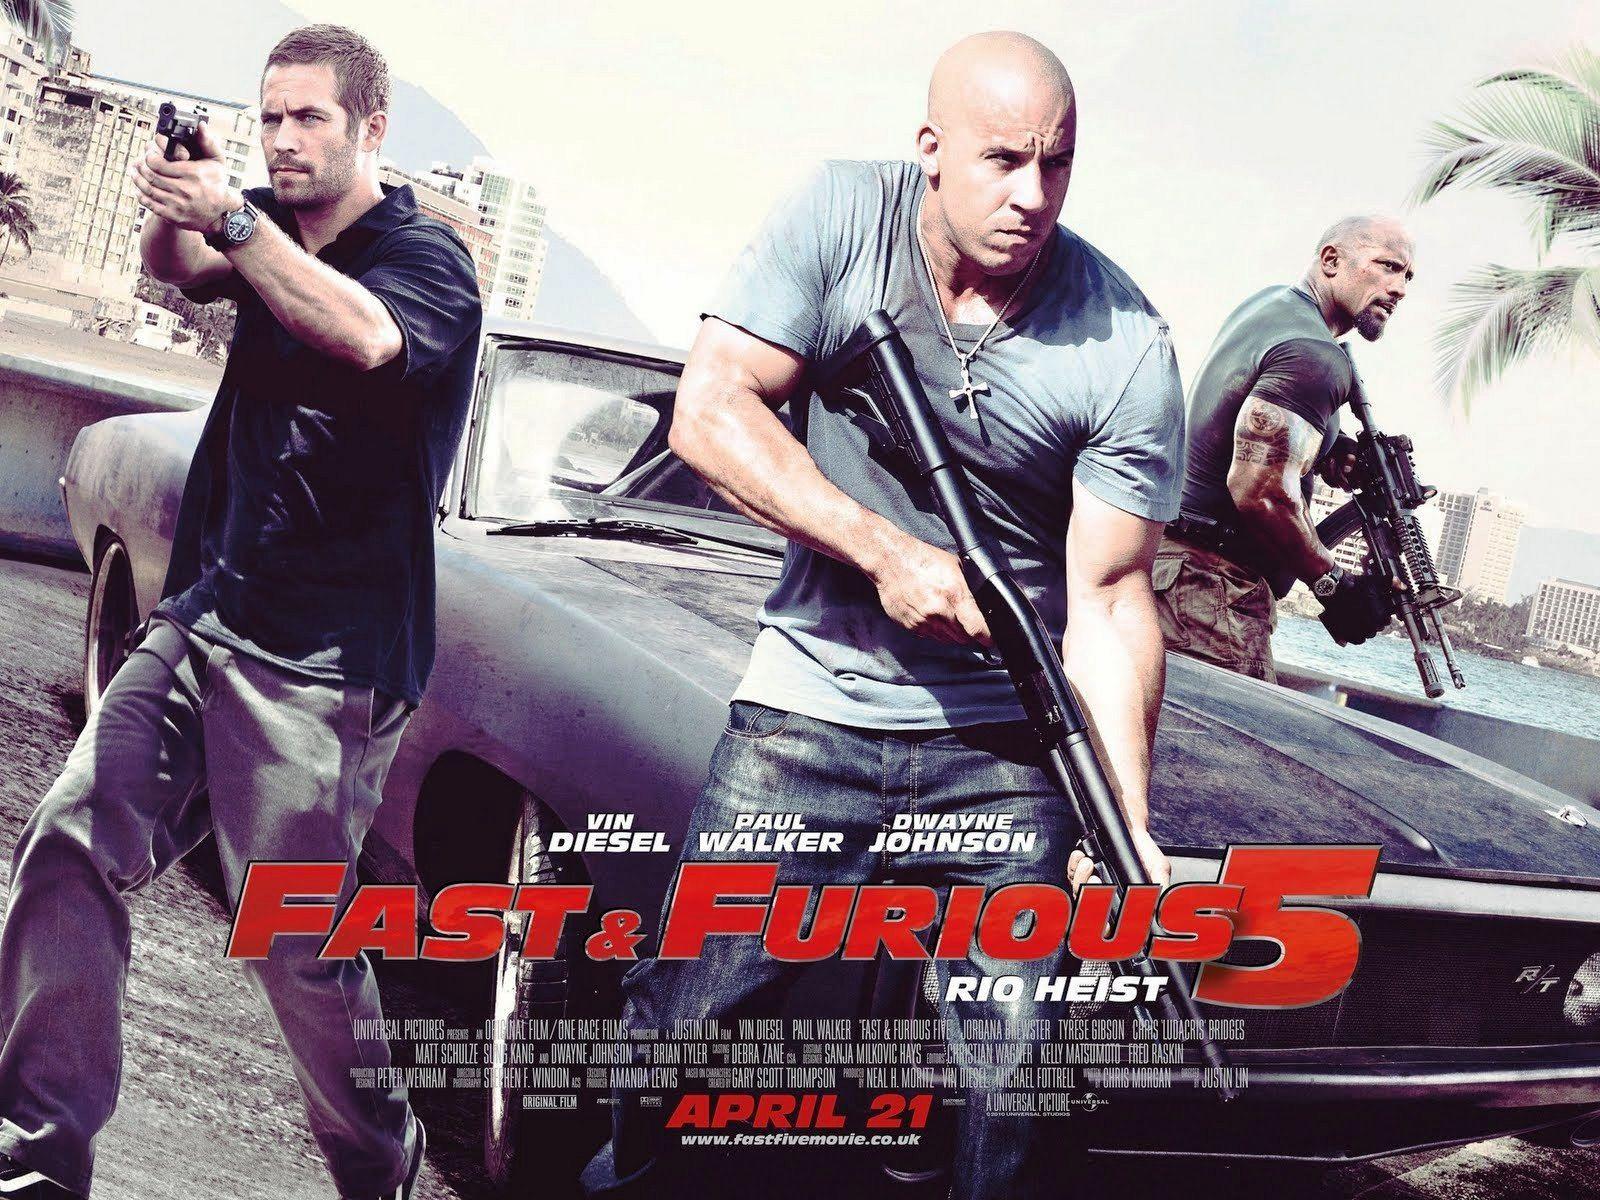 Image Detail For Fast And Furious 5 Car List Fast And Furious 5 Auto Car Speed Filmes Velozes E Furiosos Imagens Incriveis